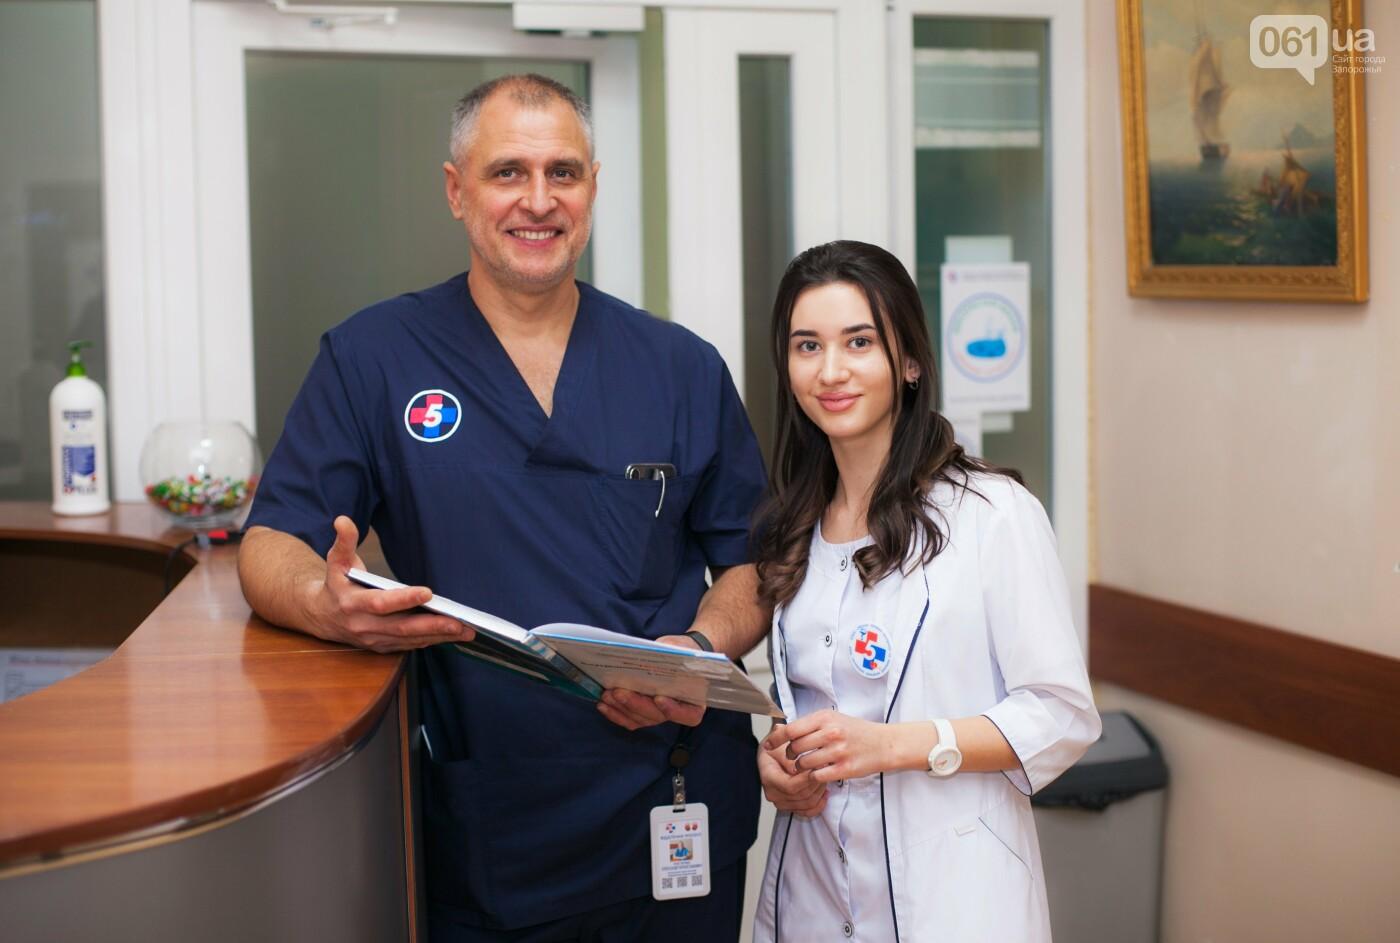 Експертна діагностика та лікування аденоми передміхурової залози у 5 Міській лікарні, фото-5